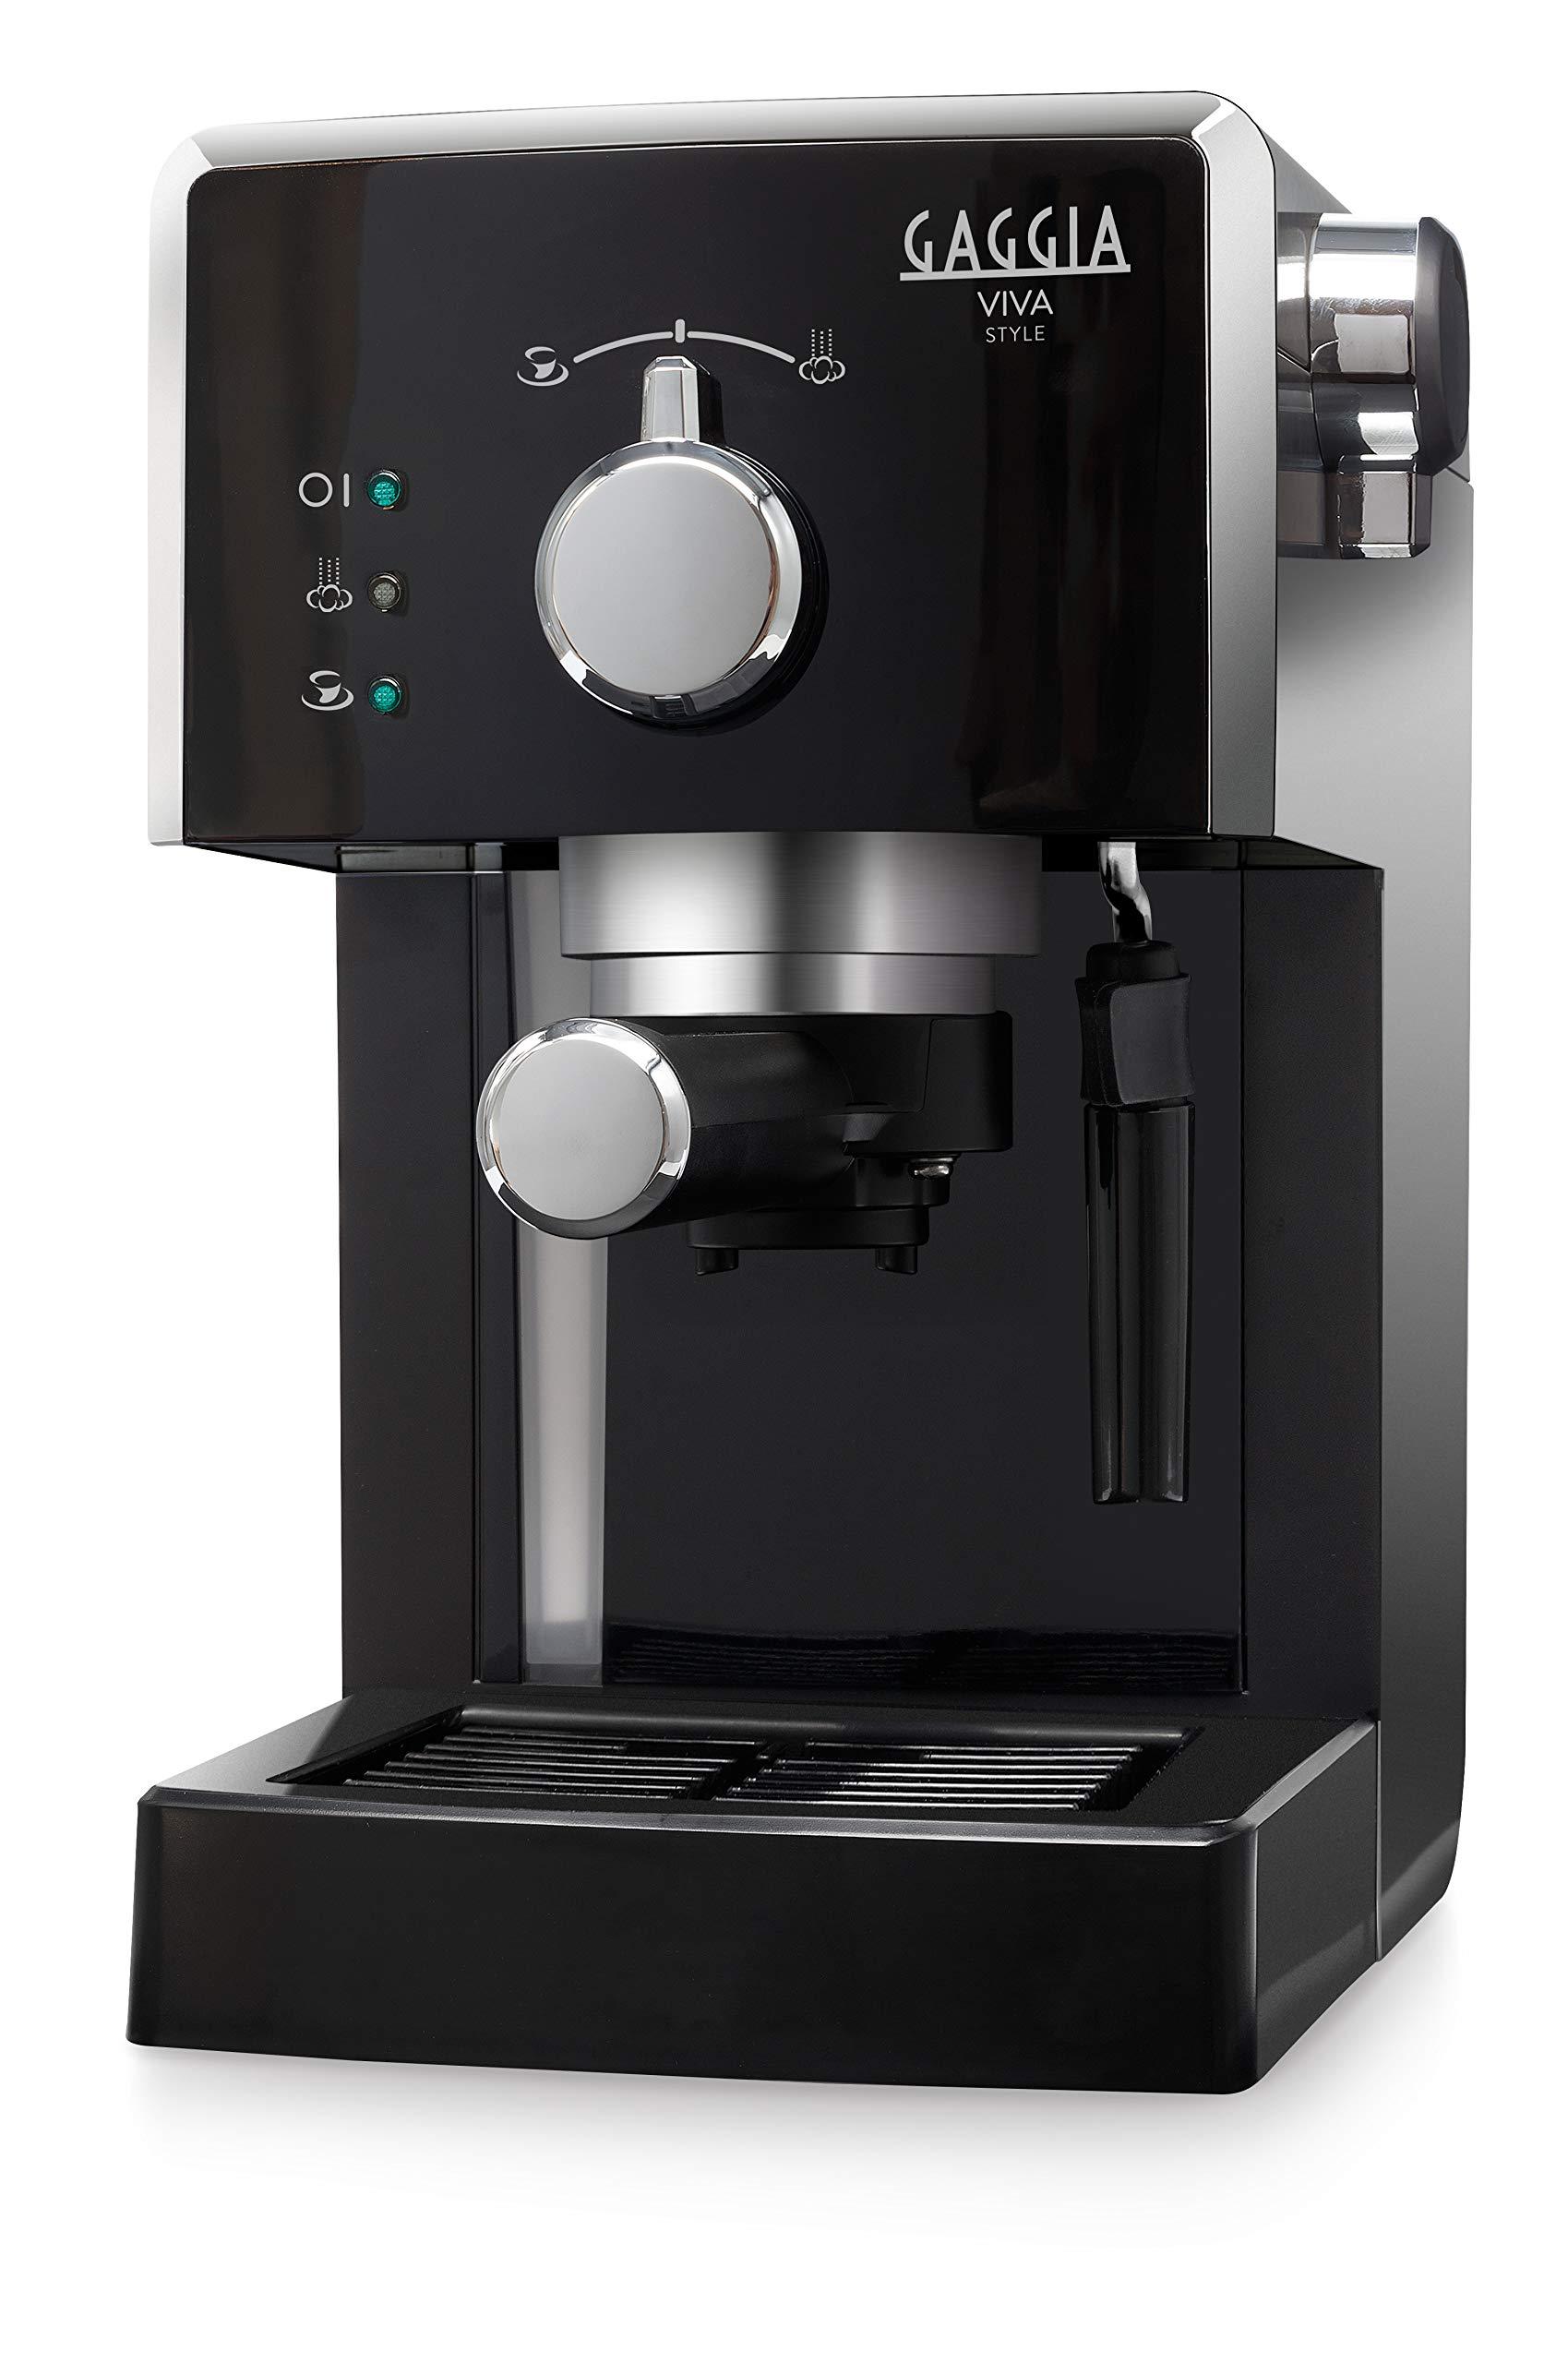 Gaggia Viva Style Macchina da Caffè Espresso Manuale, per Macinato e Cialde, RI8433/11 1 spesavip